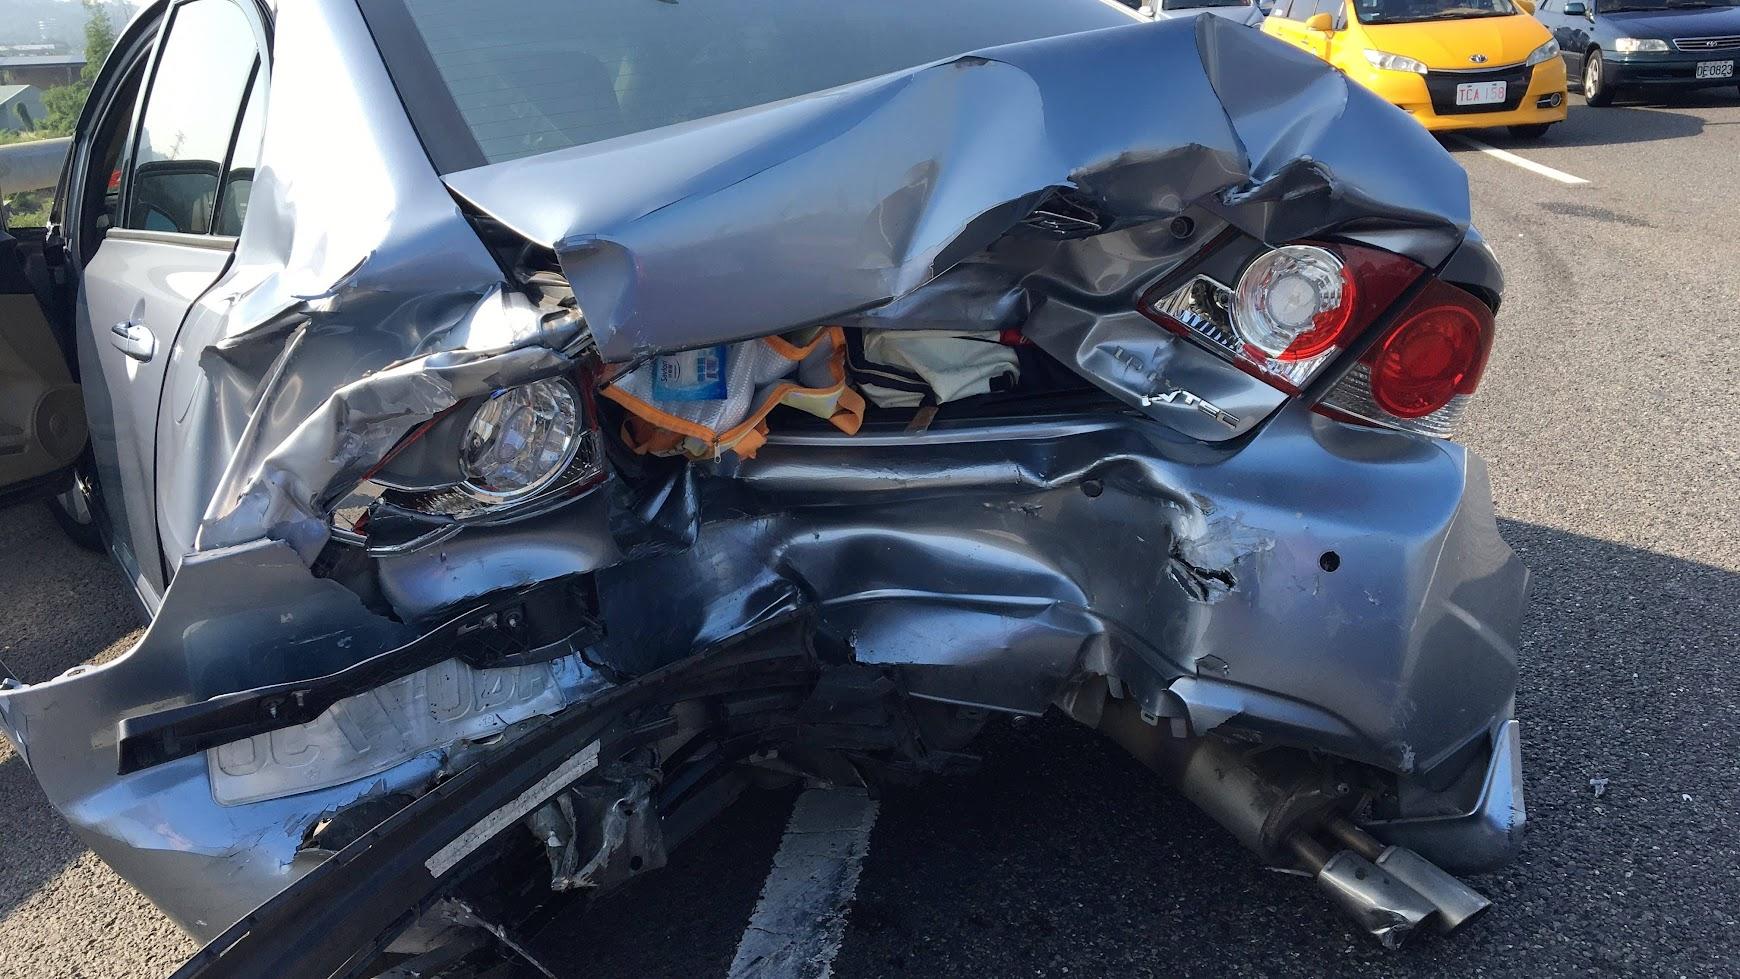 對方的車牌直接卡在我的車屁股上,後車箱潰縮,排氣管/傳動全部受損,後門也打不開了...